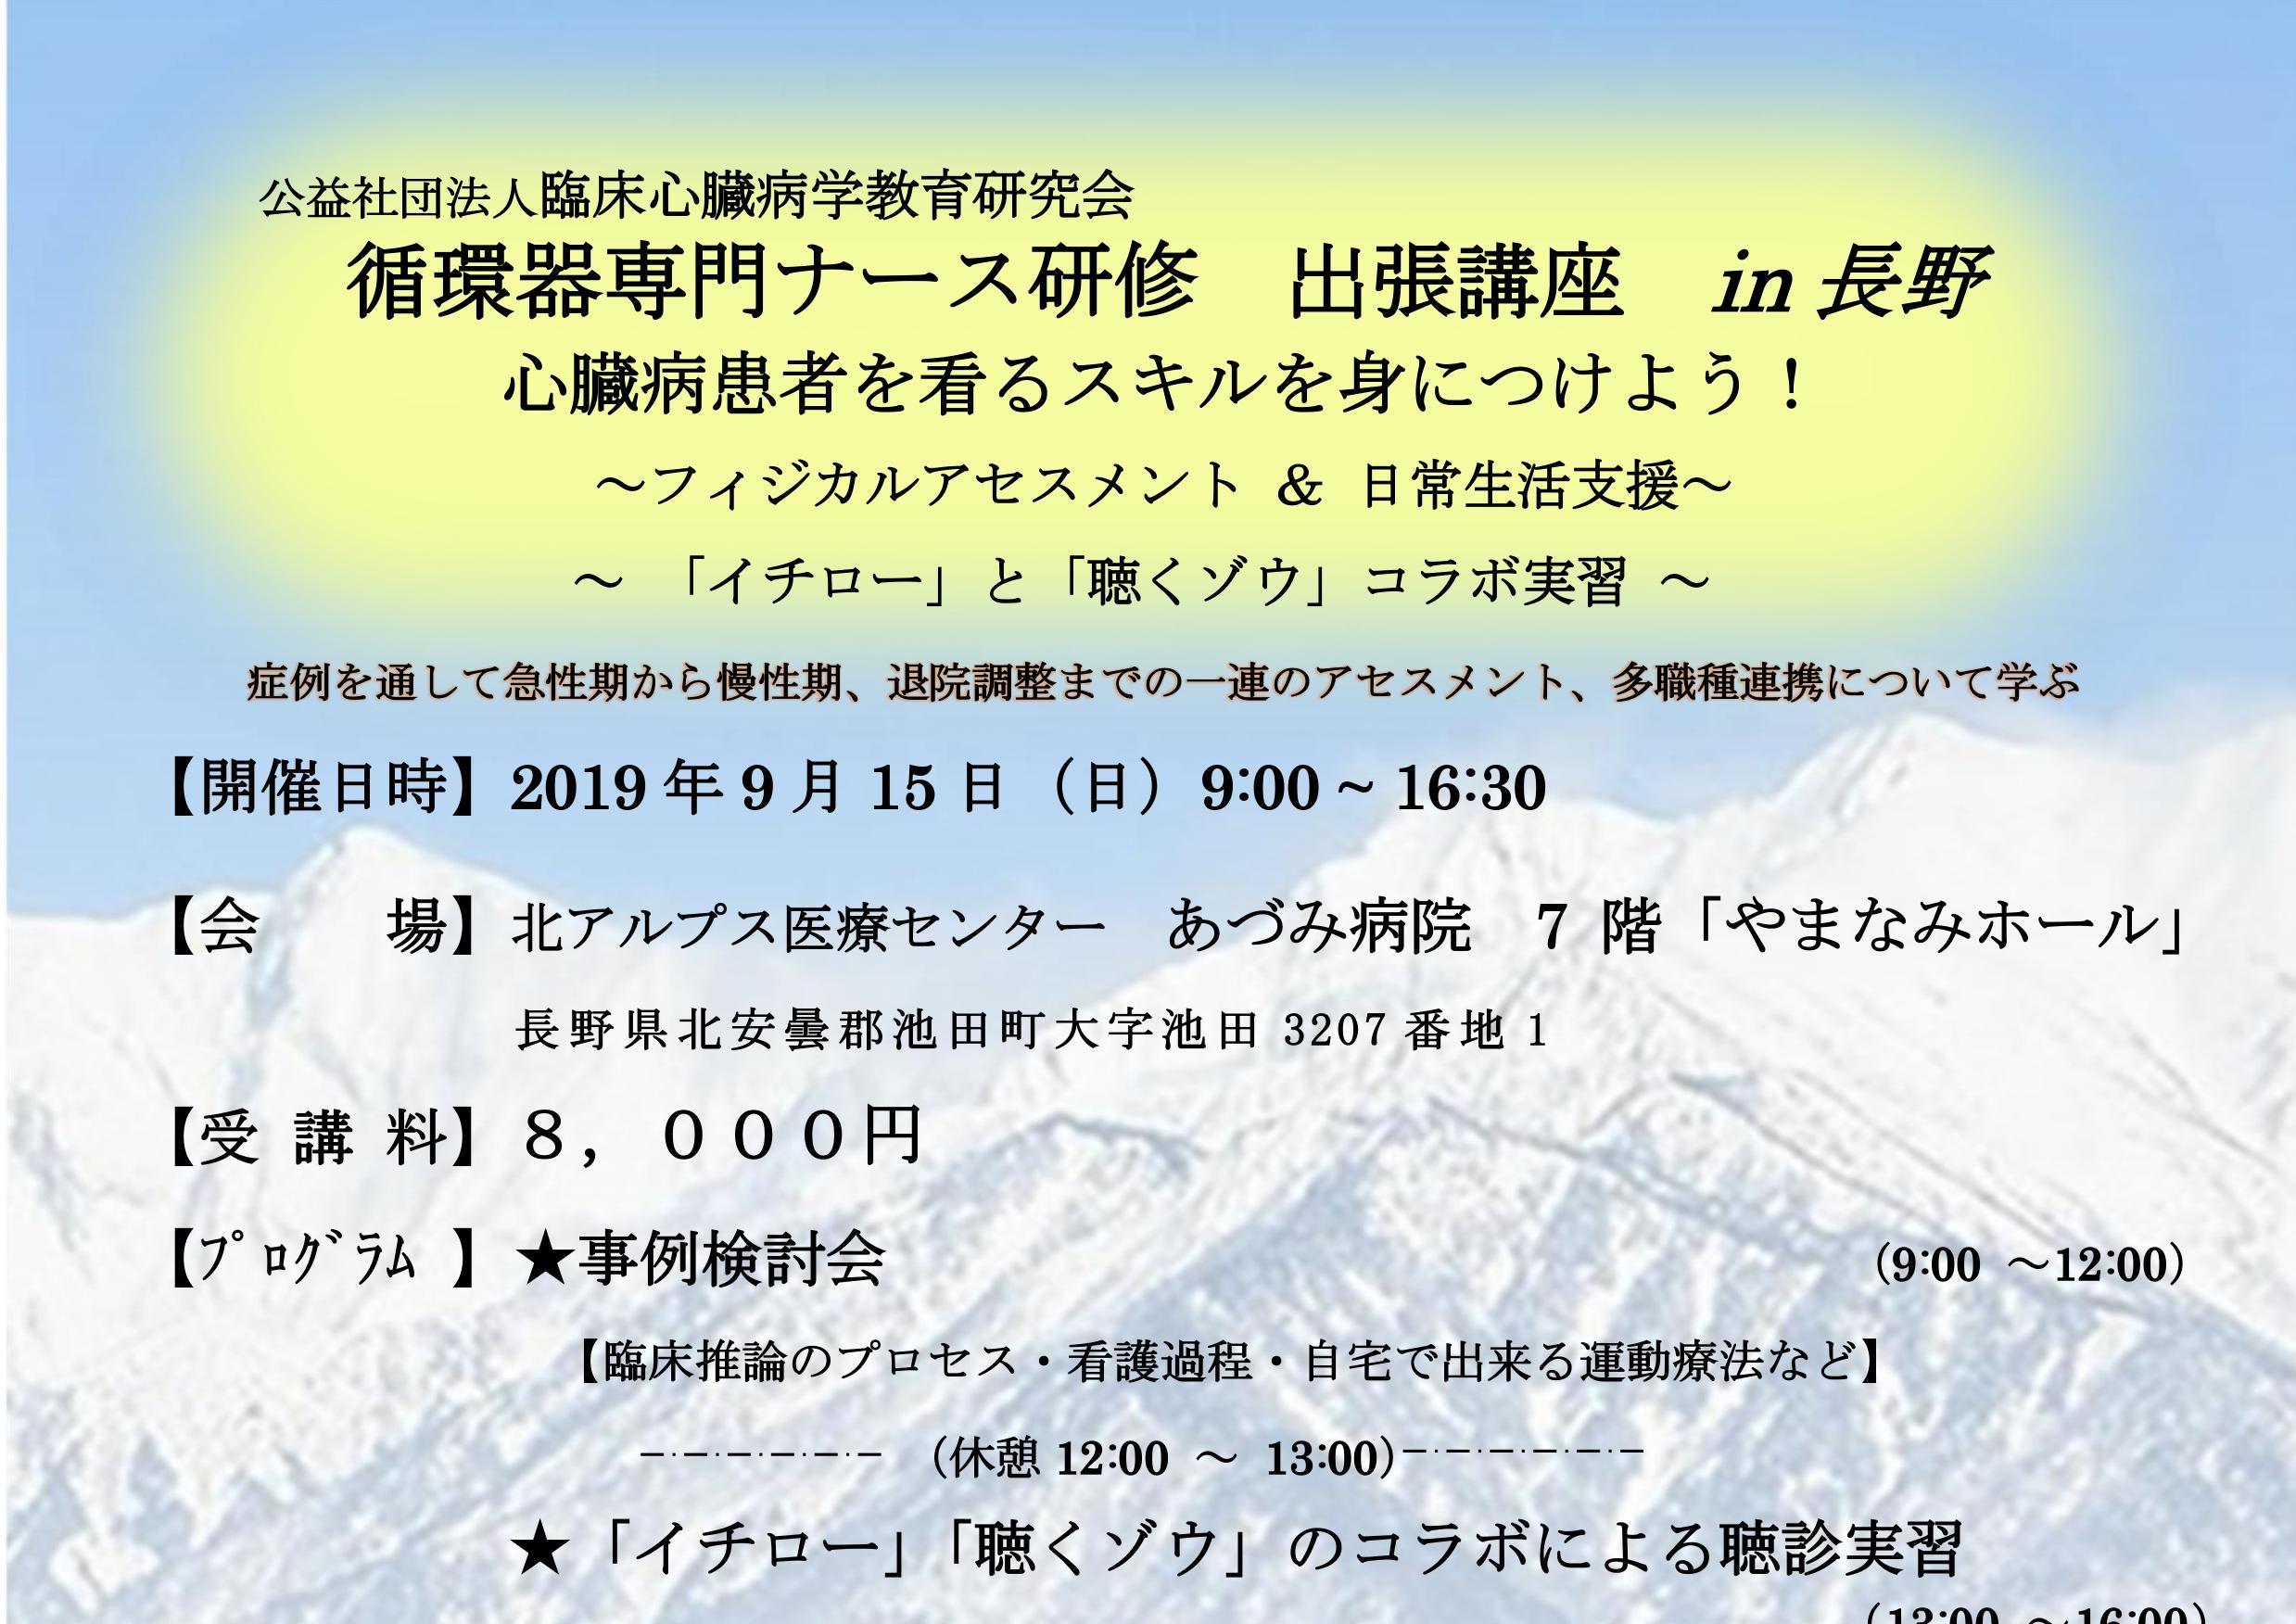 循環器専門ナース研修 出張講座in長野